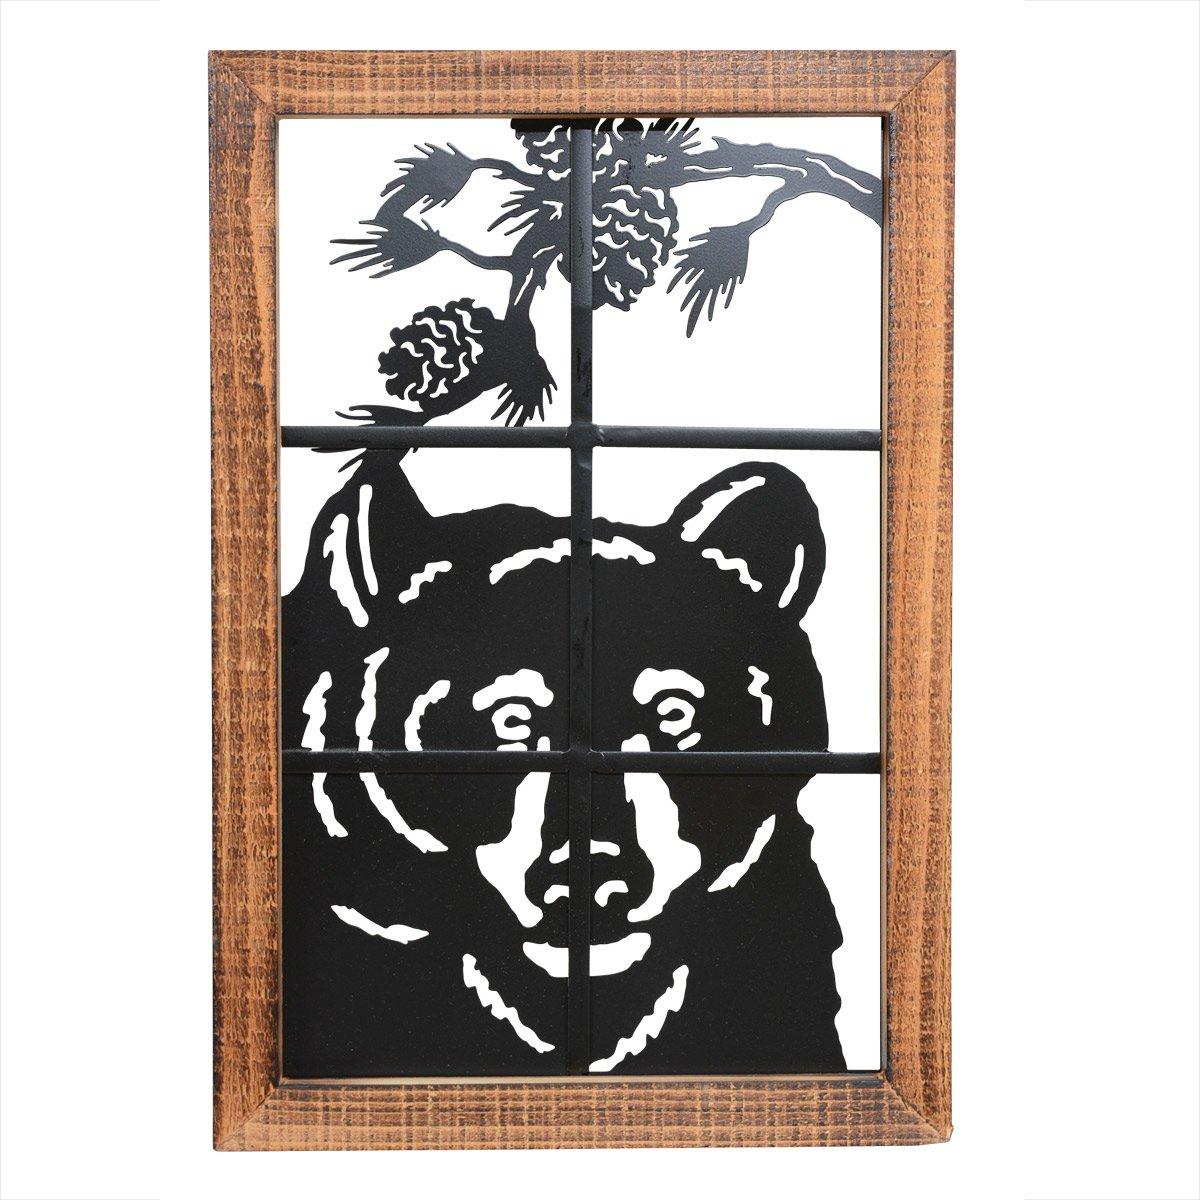 Bear in Window Metal/Wood Wall Art